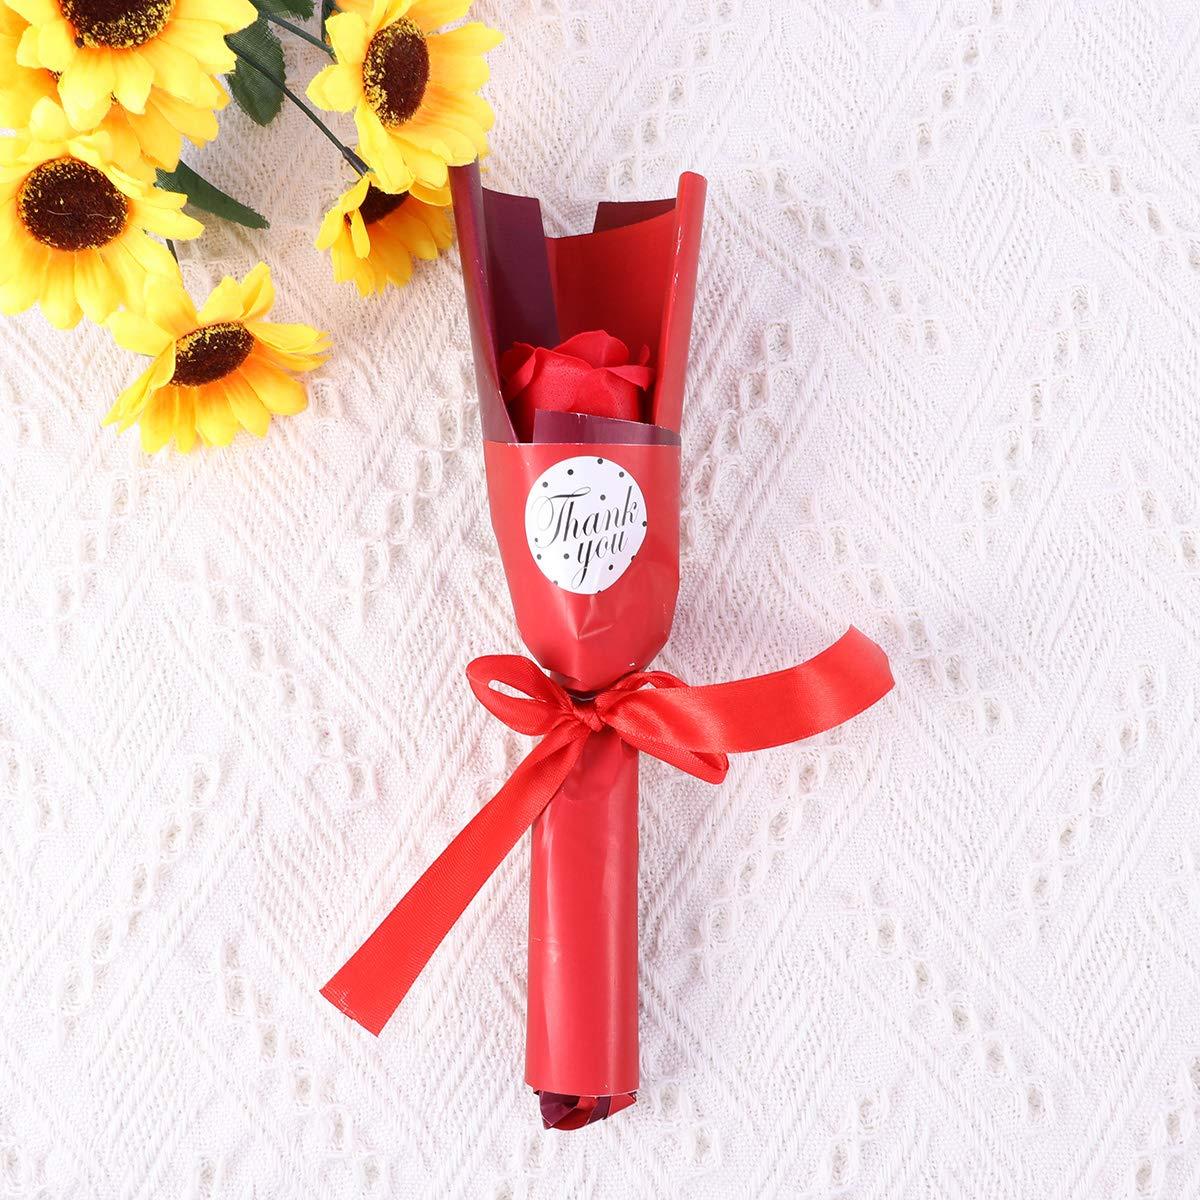 Rojo Amosfun 1pc Rosa jab/ón perfumado Rosa Flor ba/ño Cuerpo jab/ón Planta Aceite Esencial jab/ón para el d/ía de la Boda Banquete de Boda Aniversario Regalos